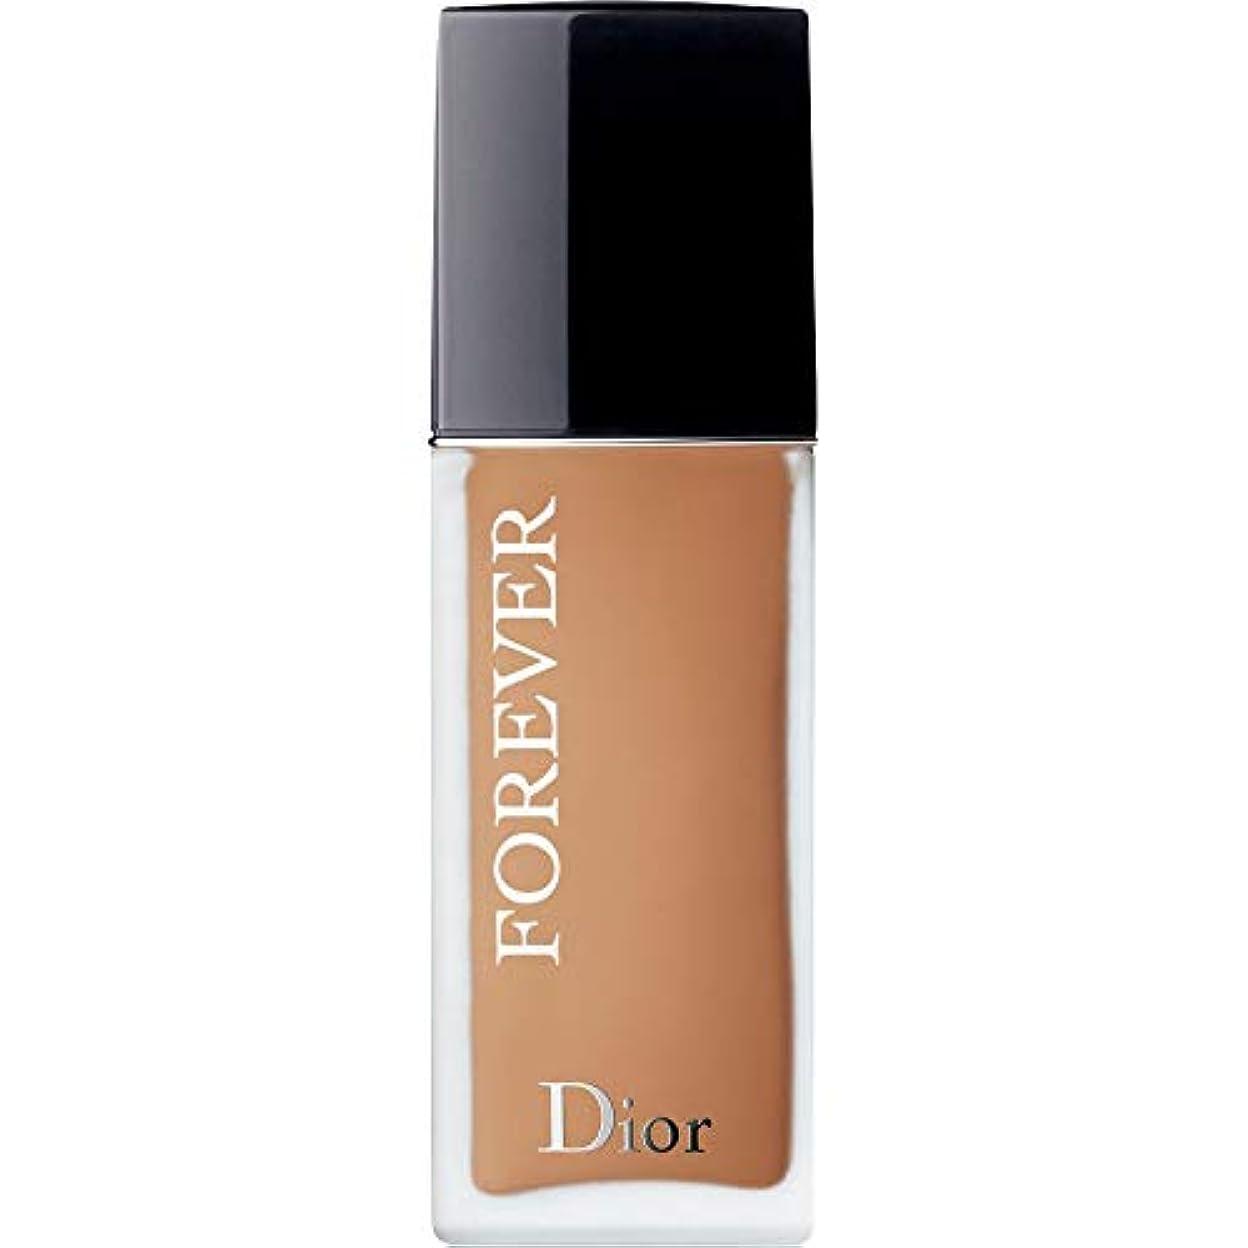 ハードウェア株式会社図[Dior ] ディオール永遠皮膚思いやりの基盤Spf35 30ミリリットルの4.5ワット - 暖かい(つや消し) - DIOR Forever Skin-Caring Foundation SPF35 30ml 4.5W - Warm (Matte) [並行輸入品]